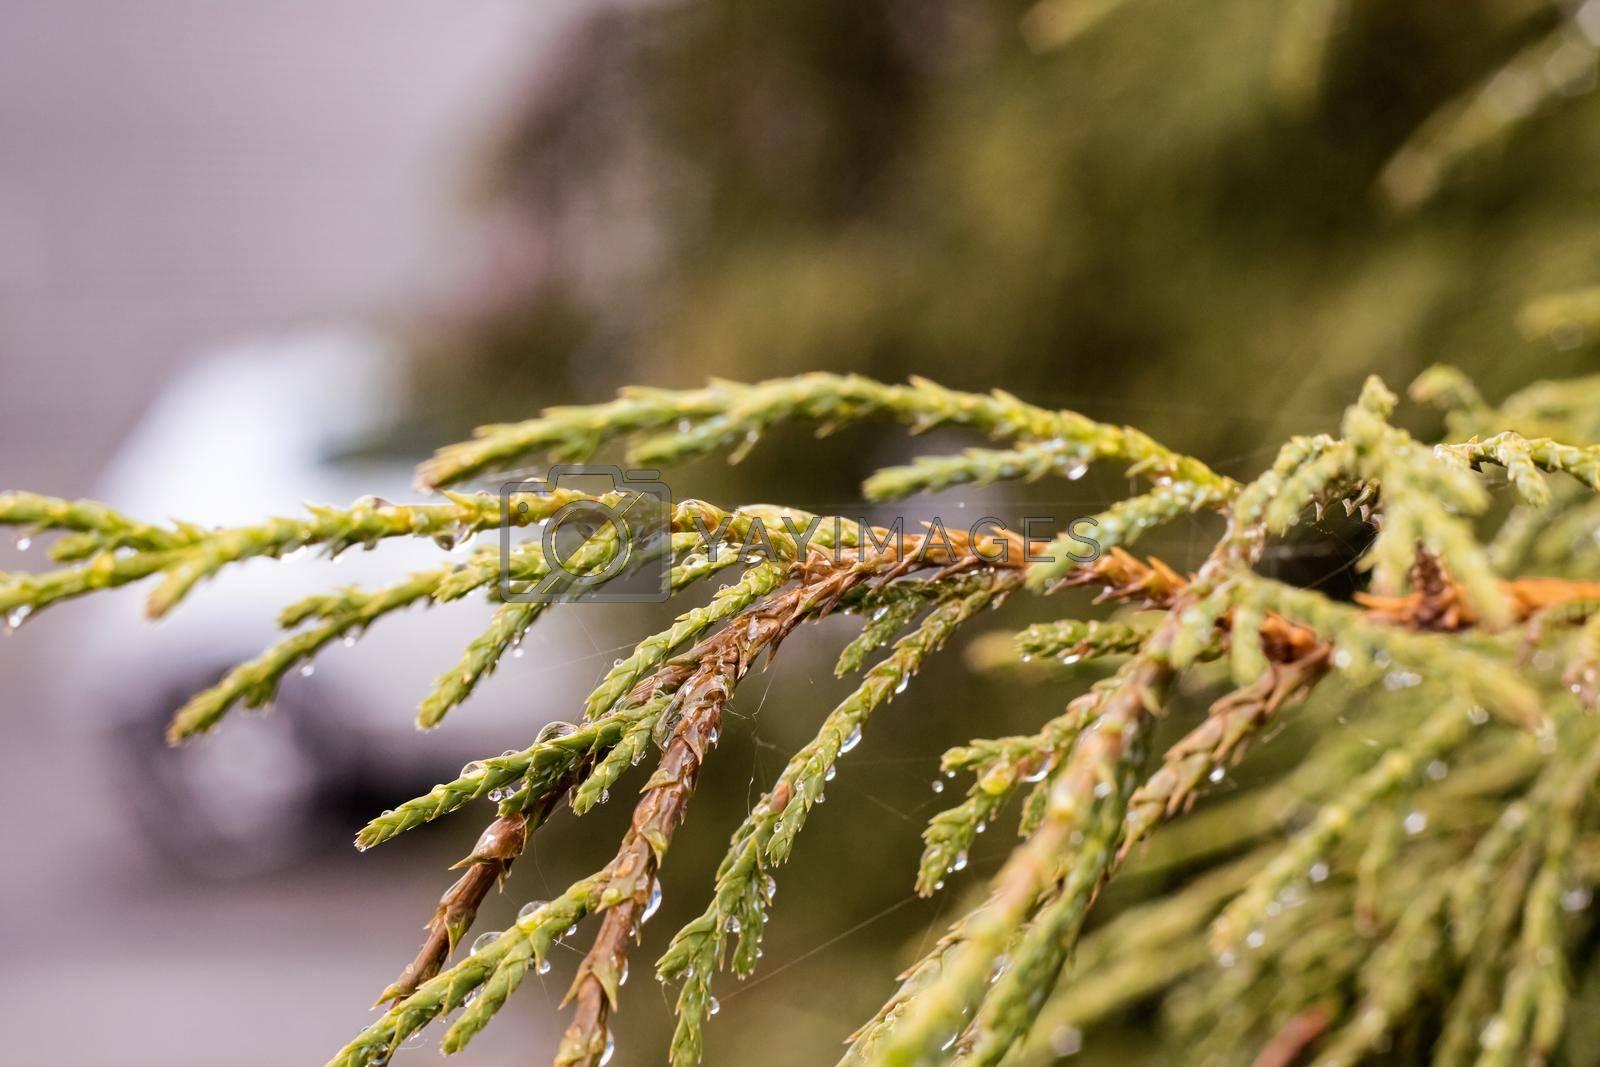 Green thuya branches with water drops and cobweb close up, macro photo